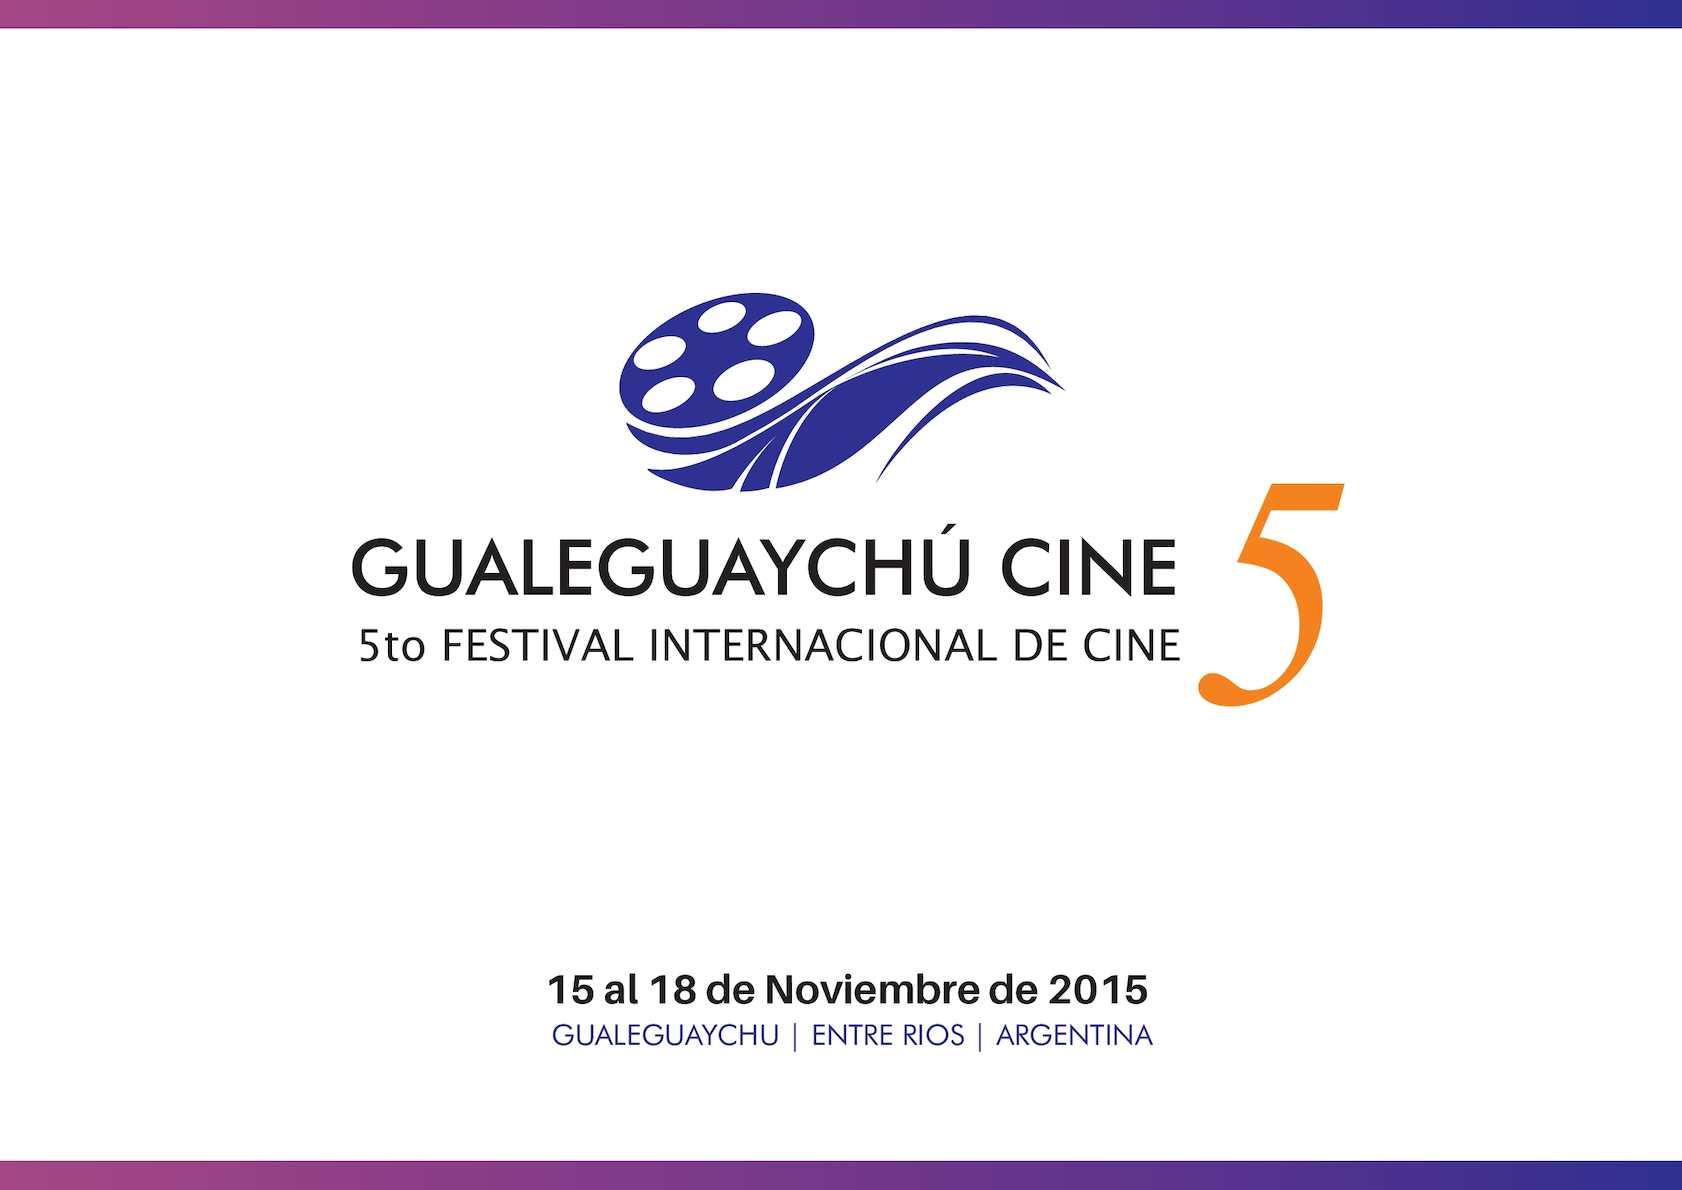 Catalogo . Gualeguaychú Cine 5